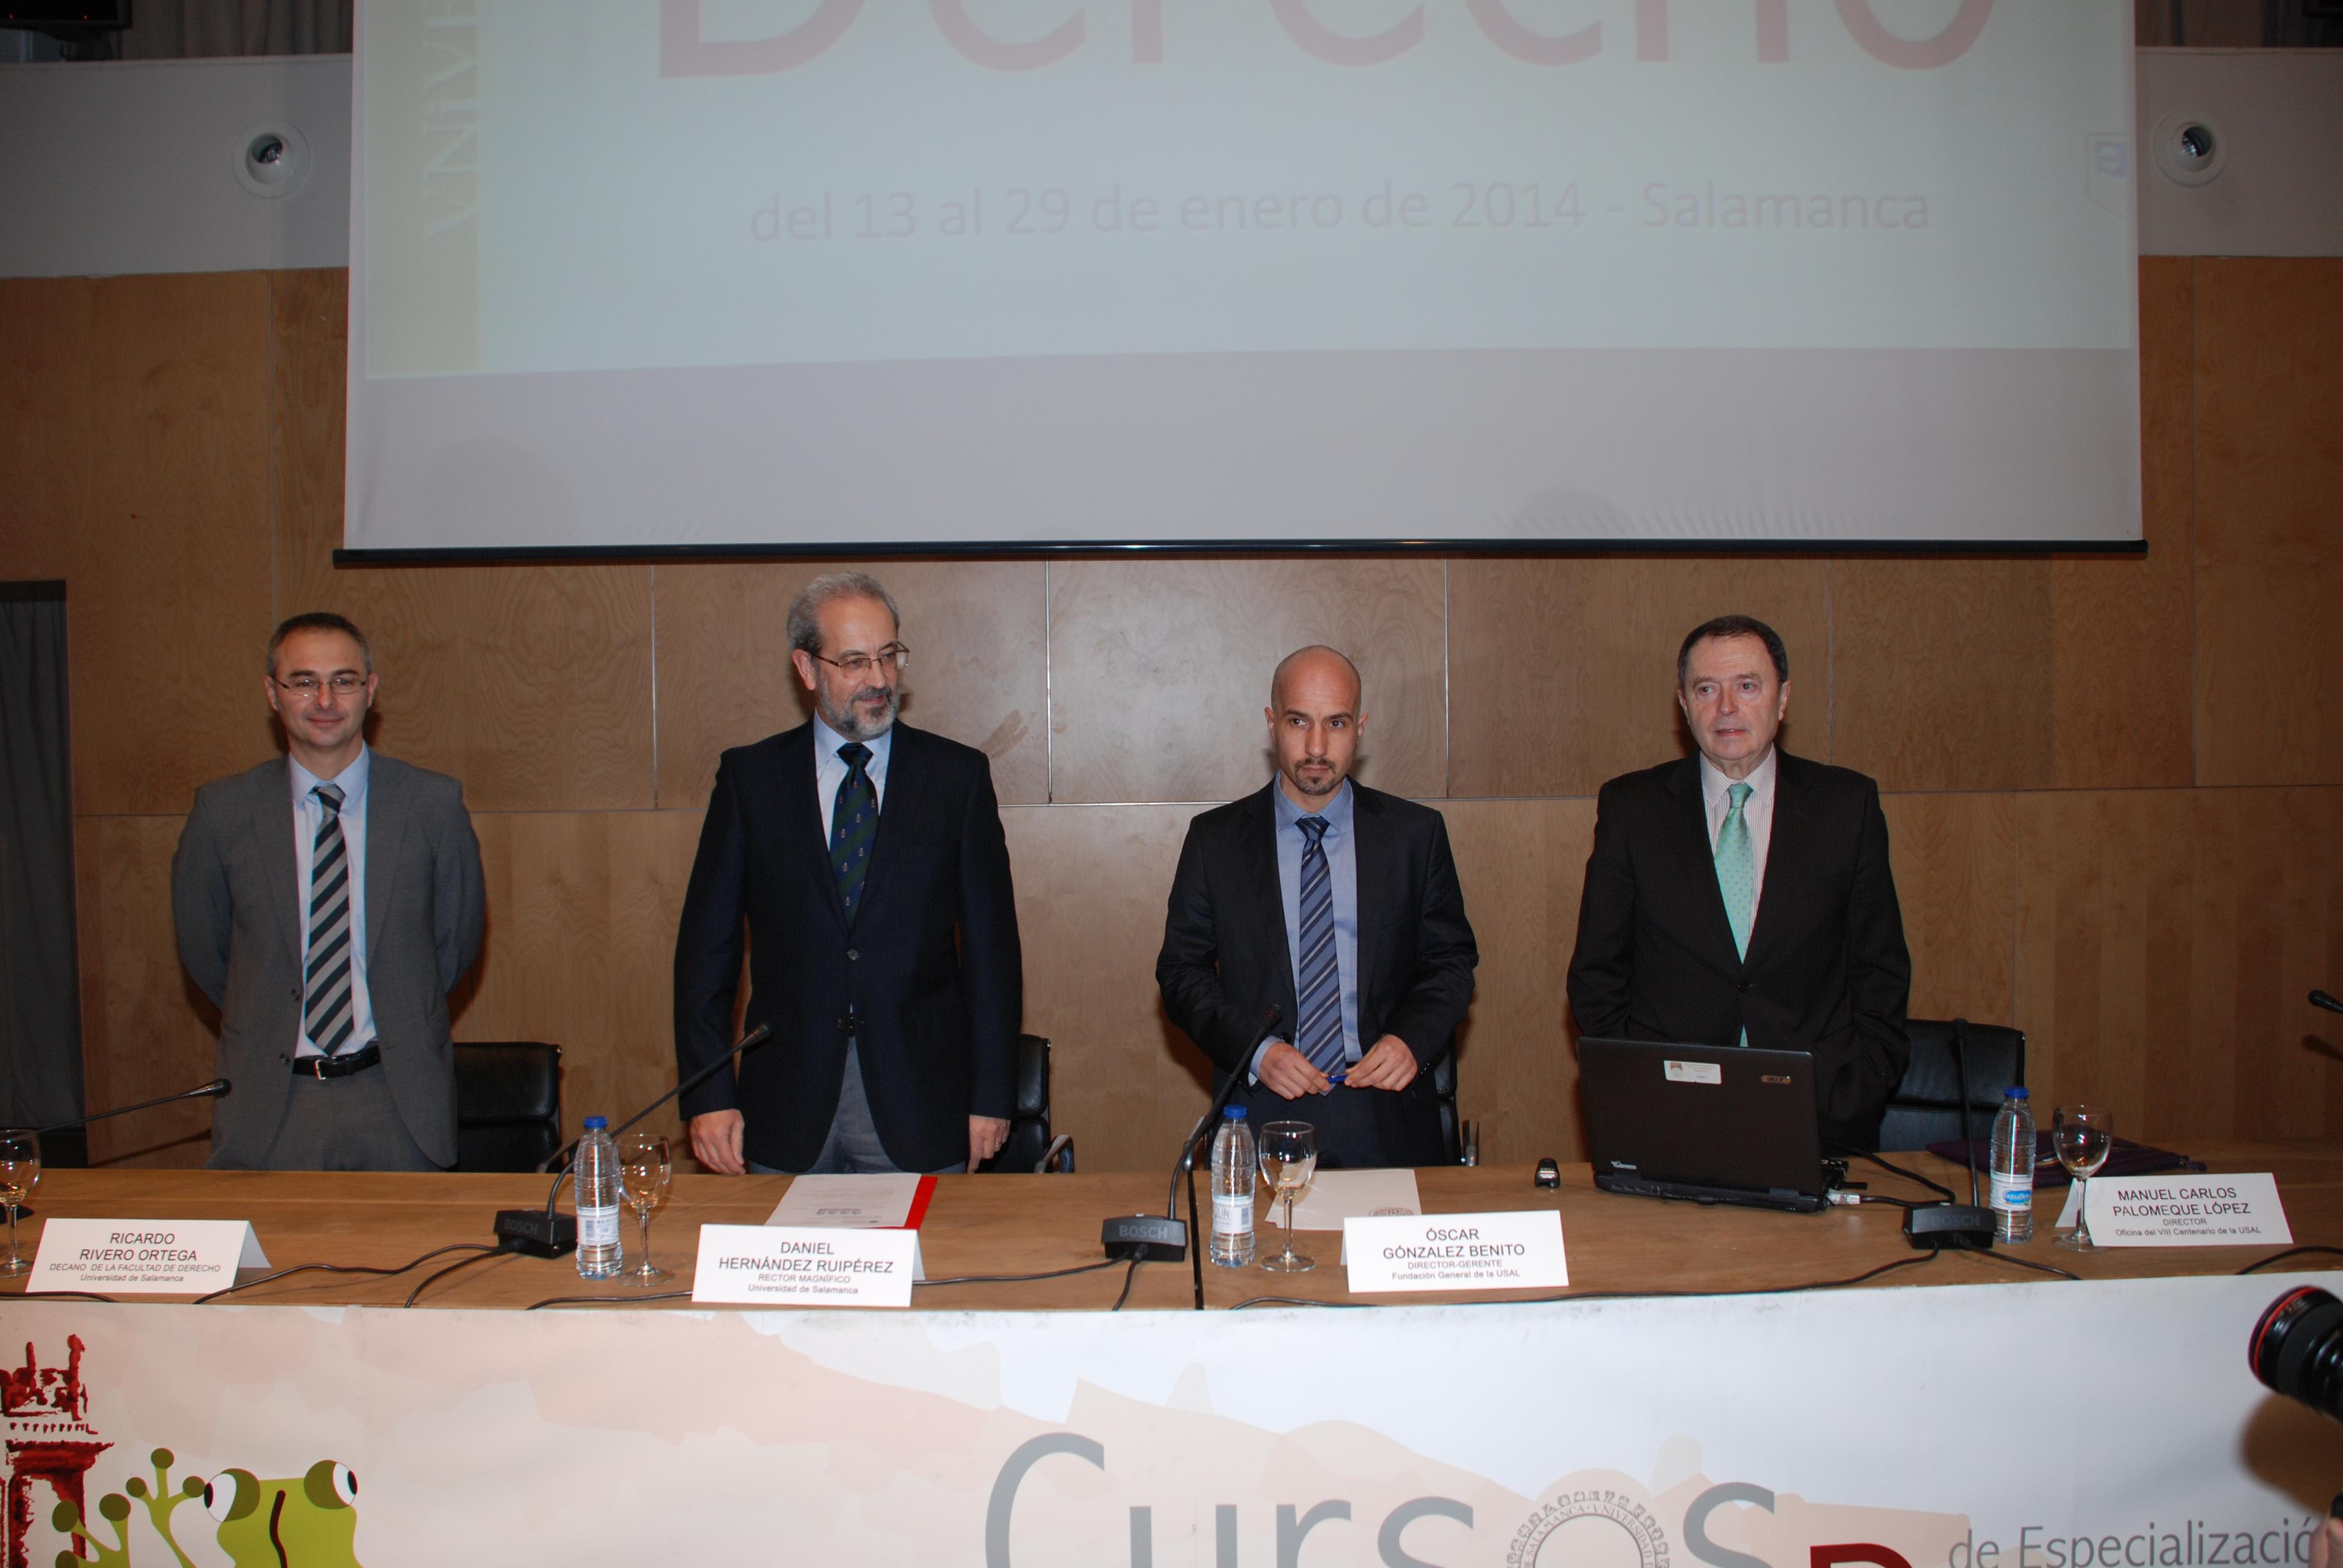 El rector inaugura los XXXIV Cursos de Especialización en Derecho de la Universidad de Salamanca